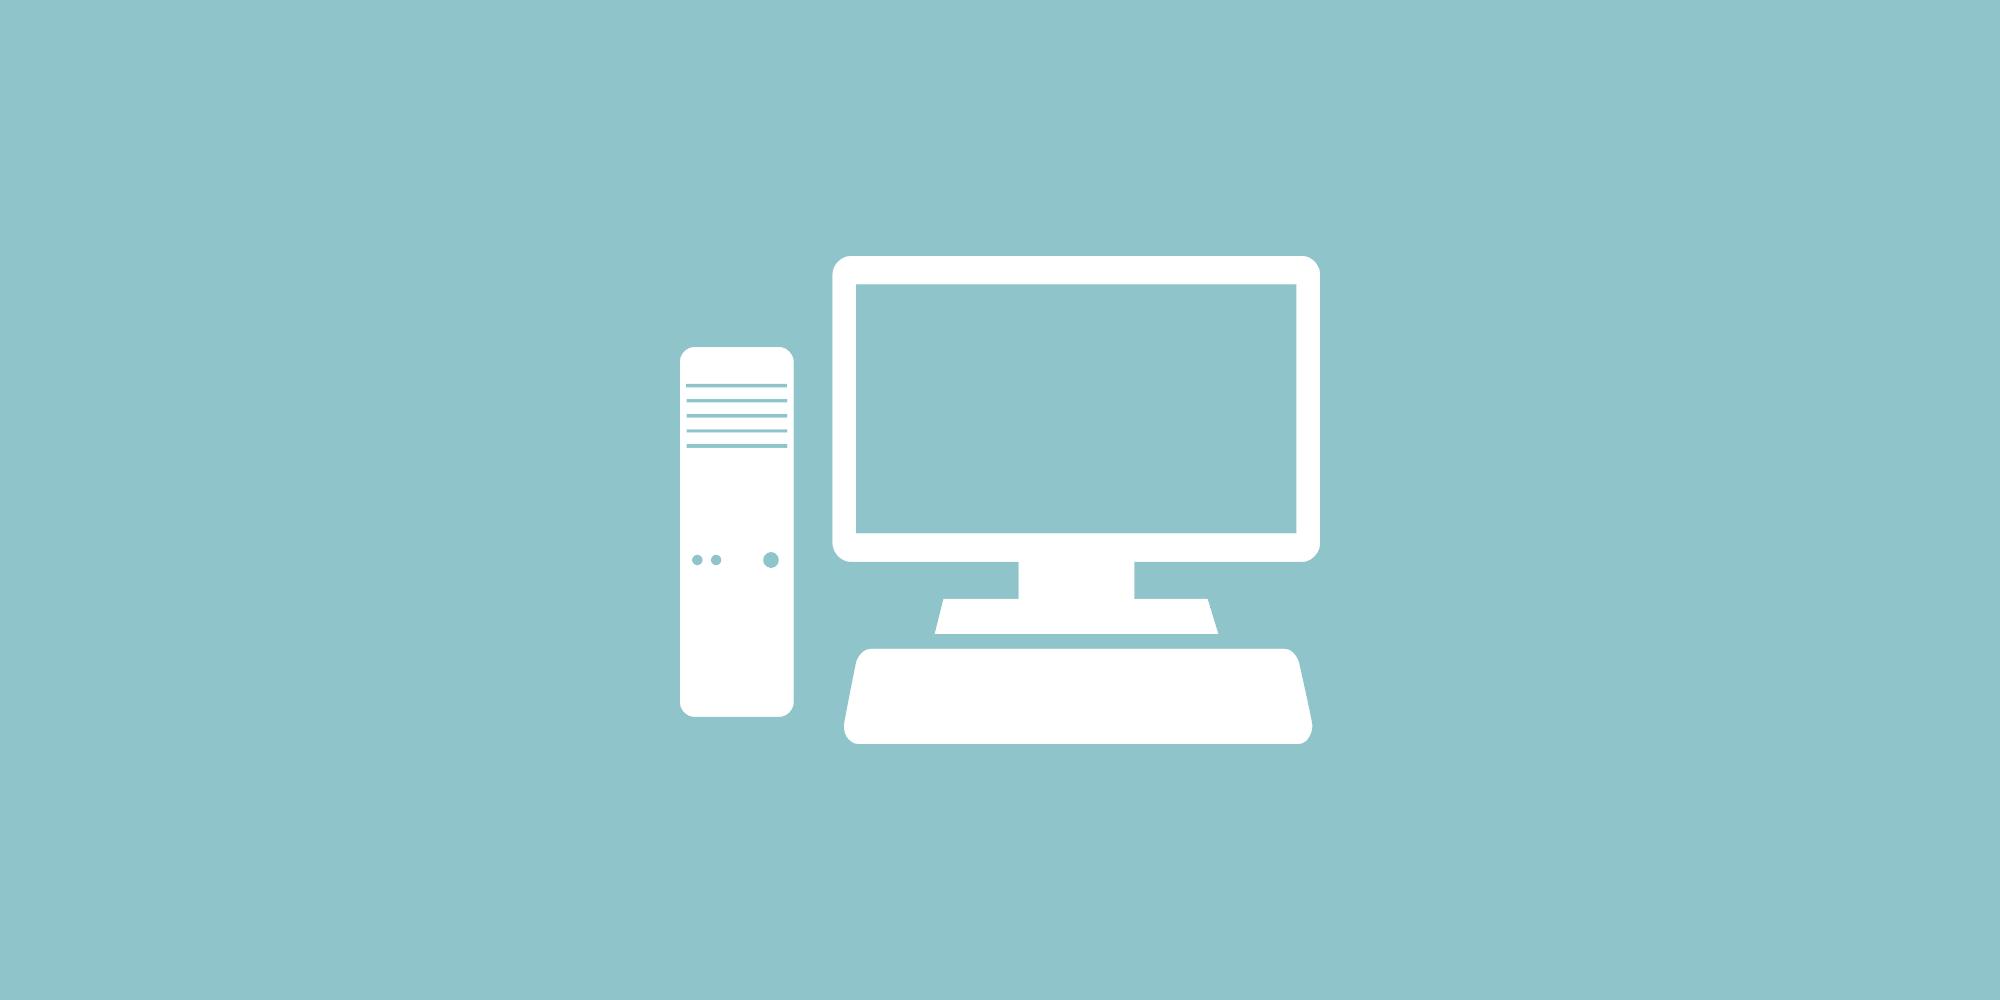 🖥️ Как собрать из серверных комплектующих с AliExpress мощный бюджетный компьютер